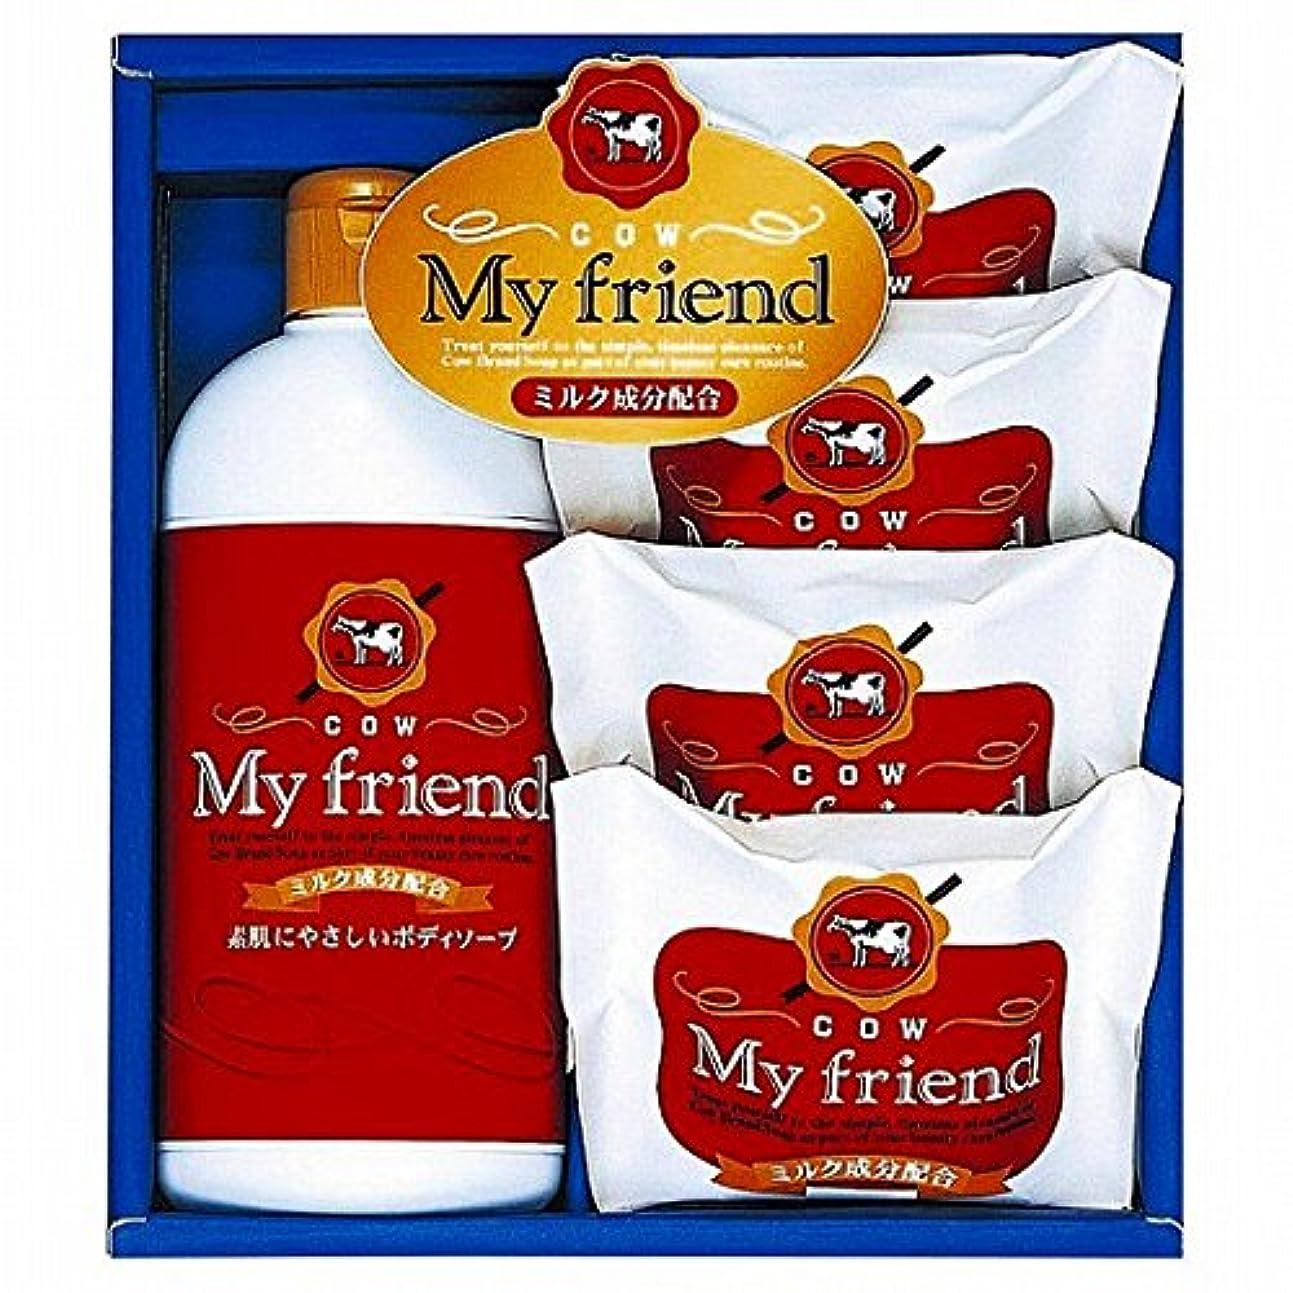 交渉する背の高い子供っぽいnobrand 牛乳石鹸 マイフレンドボディソープセット (21940007)